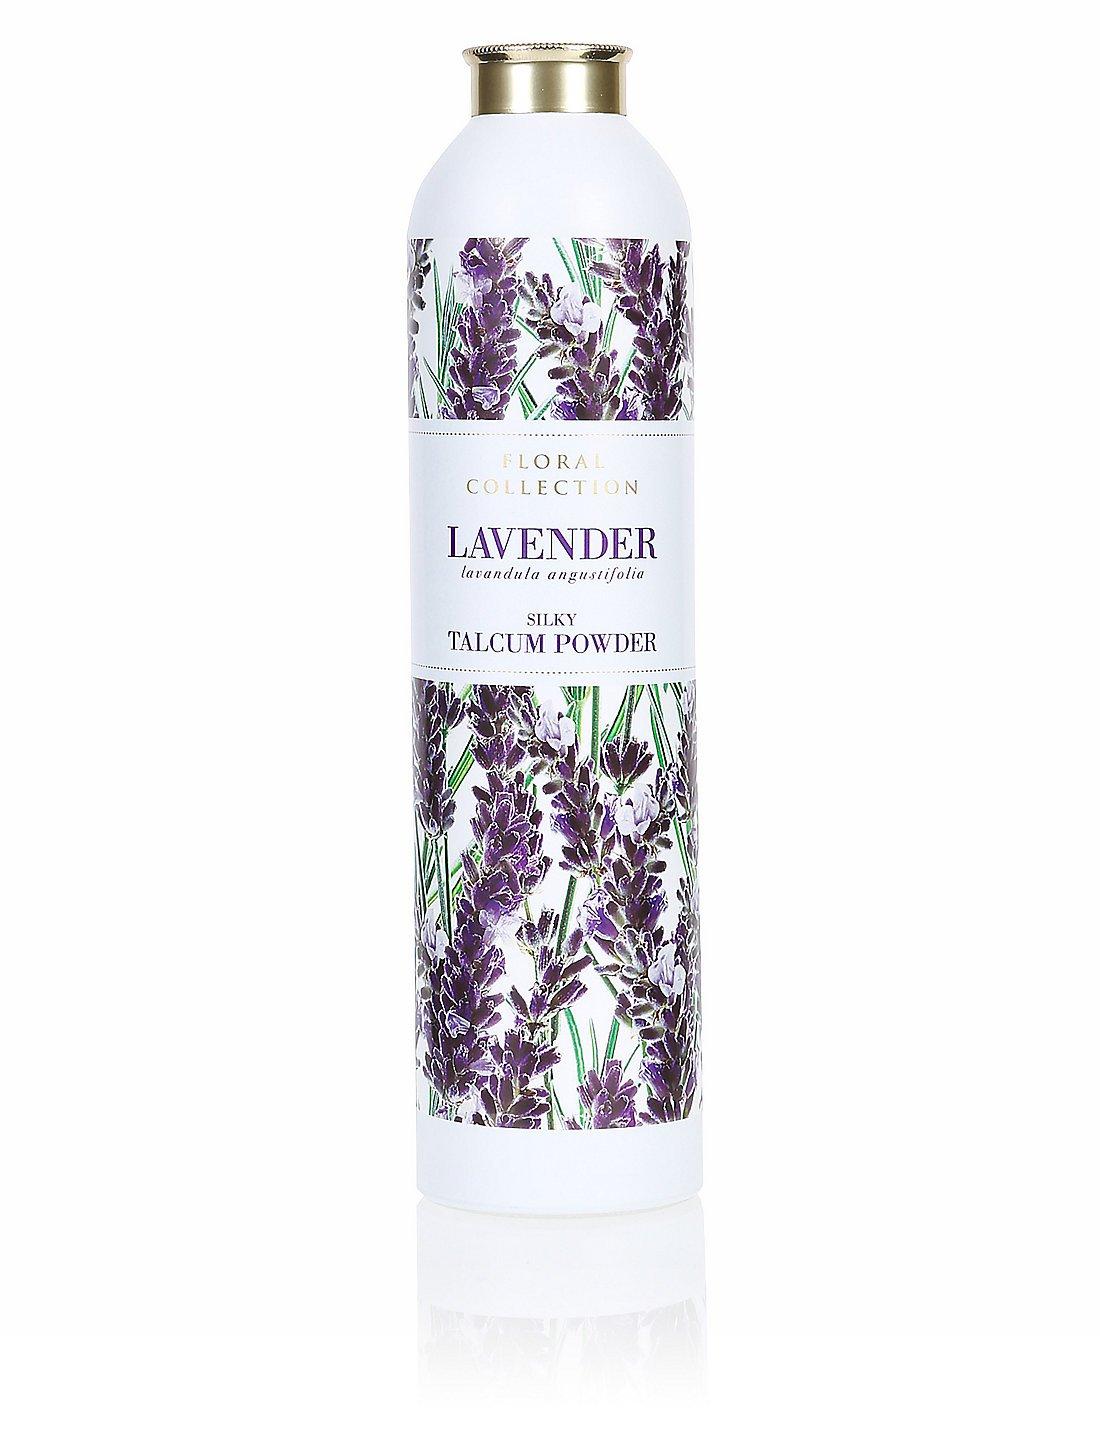 MARKS & SPENCER Lavender Talcum Powder 200 g. (5 Pack) by Marks & Spencer (Image #1)